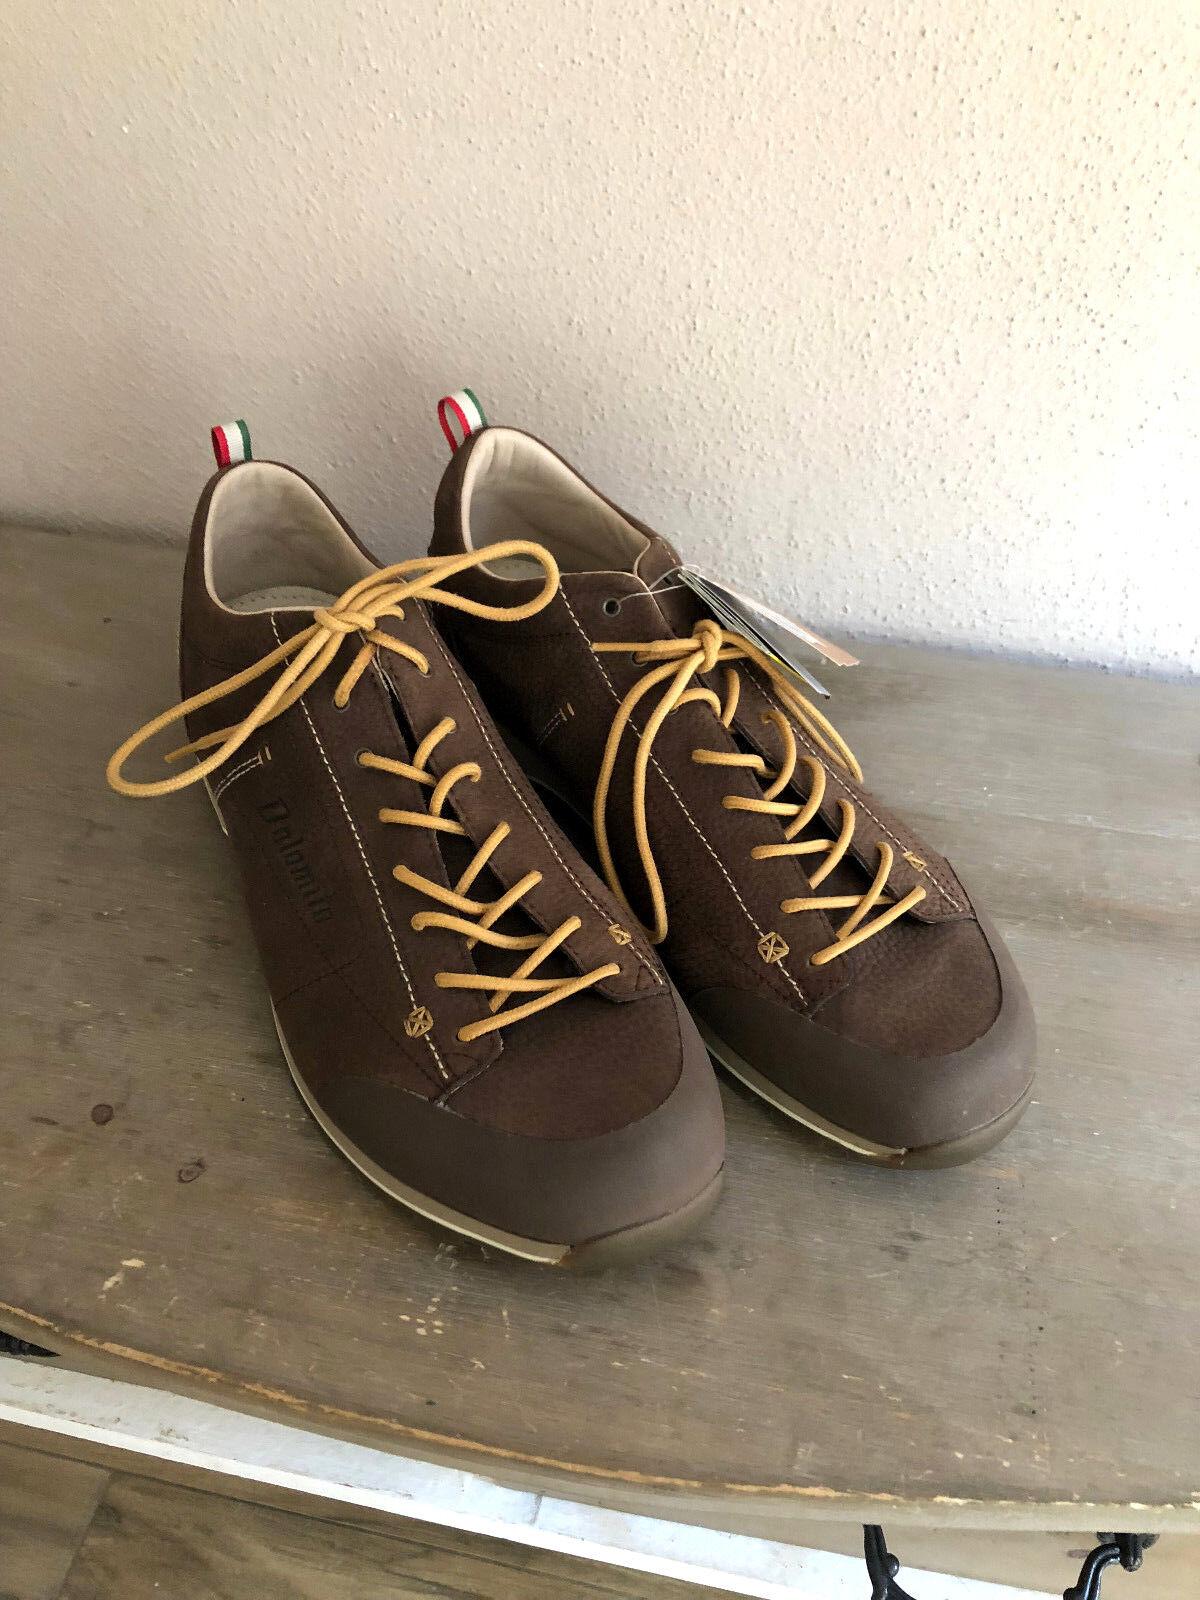 DOLOMITE Cinquantaquattro scarpe scarpe scarpe da ginnastica Scarpe Basse Marronee Pelle Tg 47 2 3 NP 159 324cfe